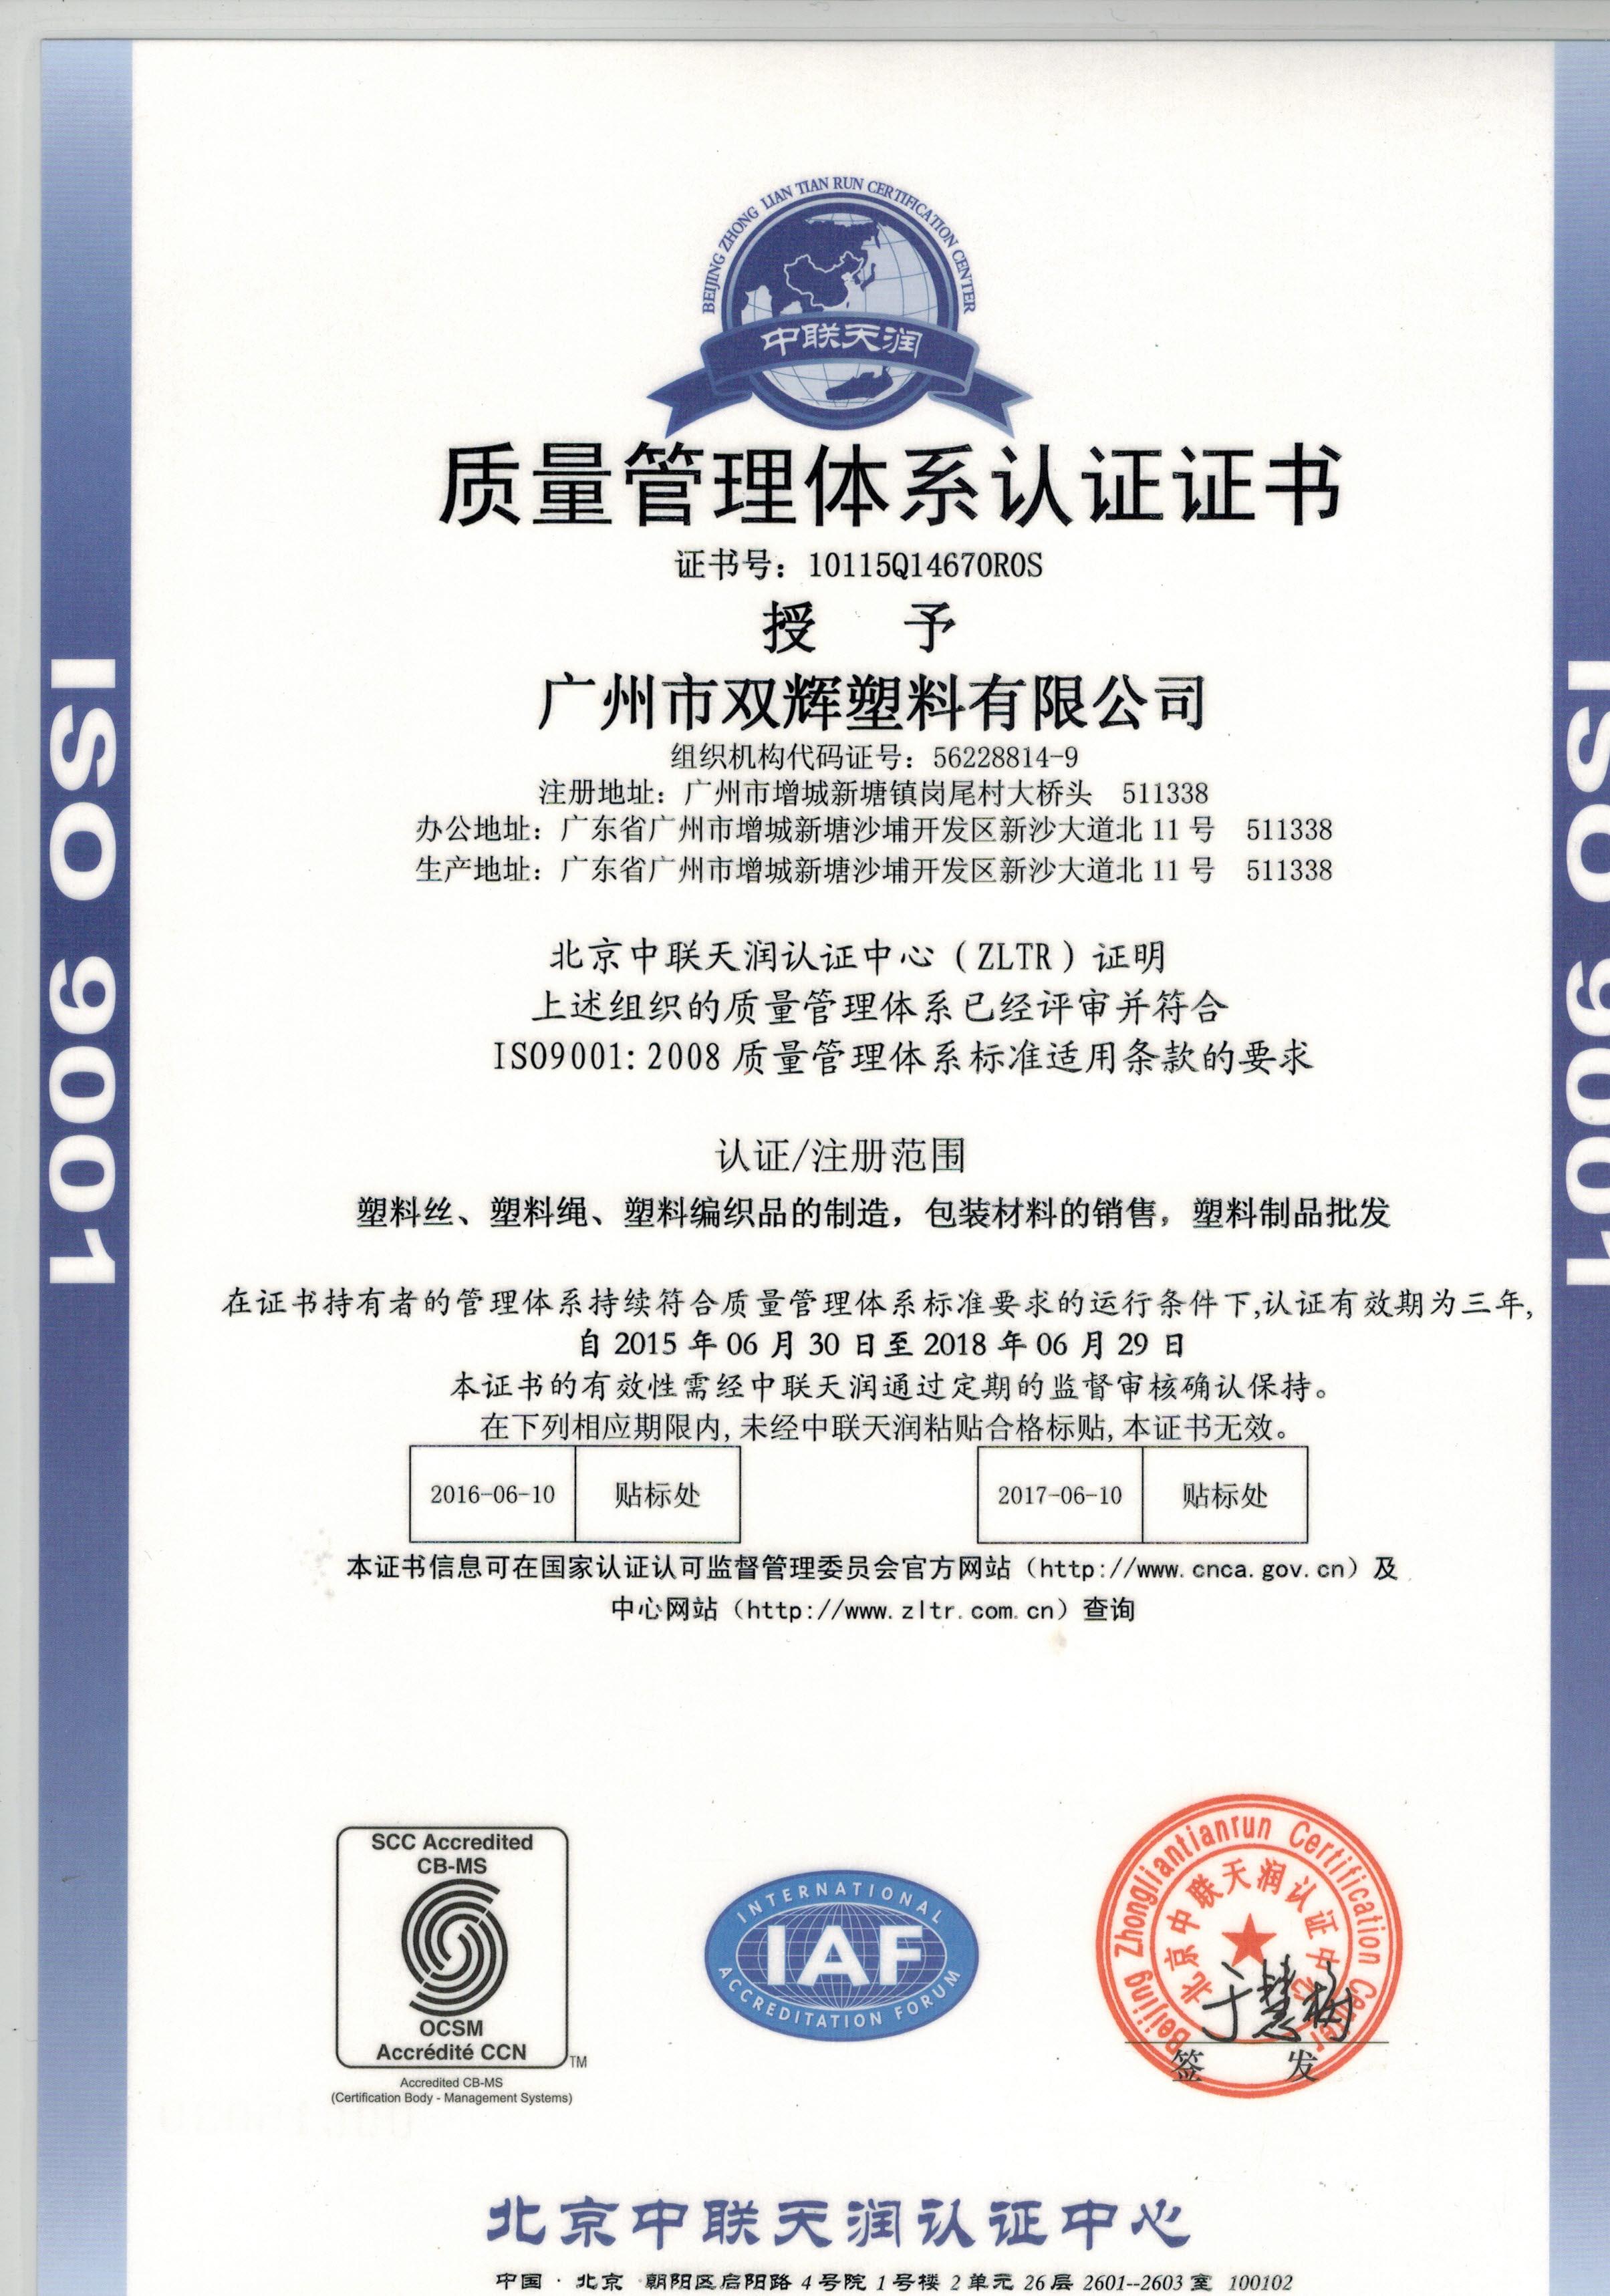 双辉ISO9001质量管理体系认证